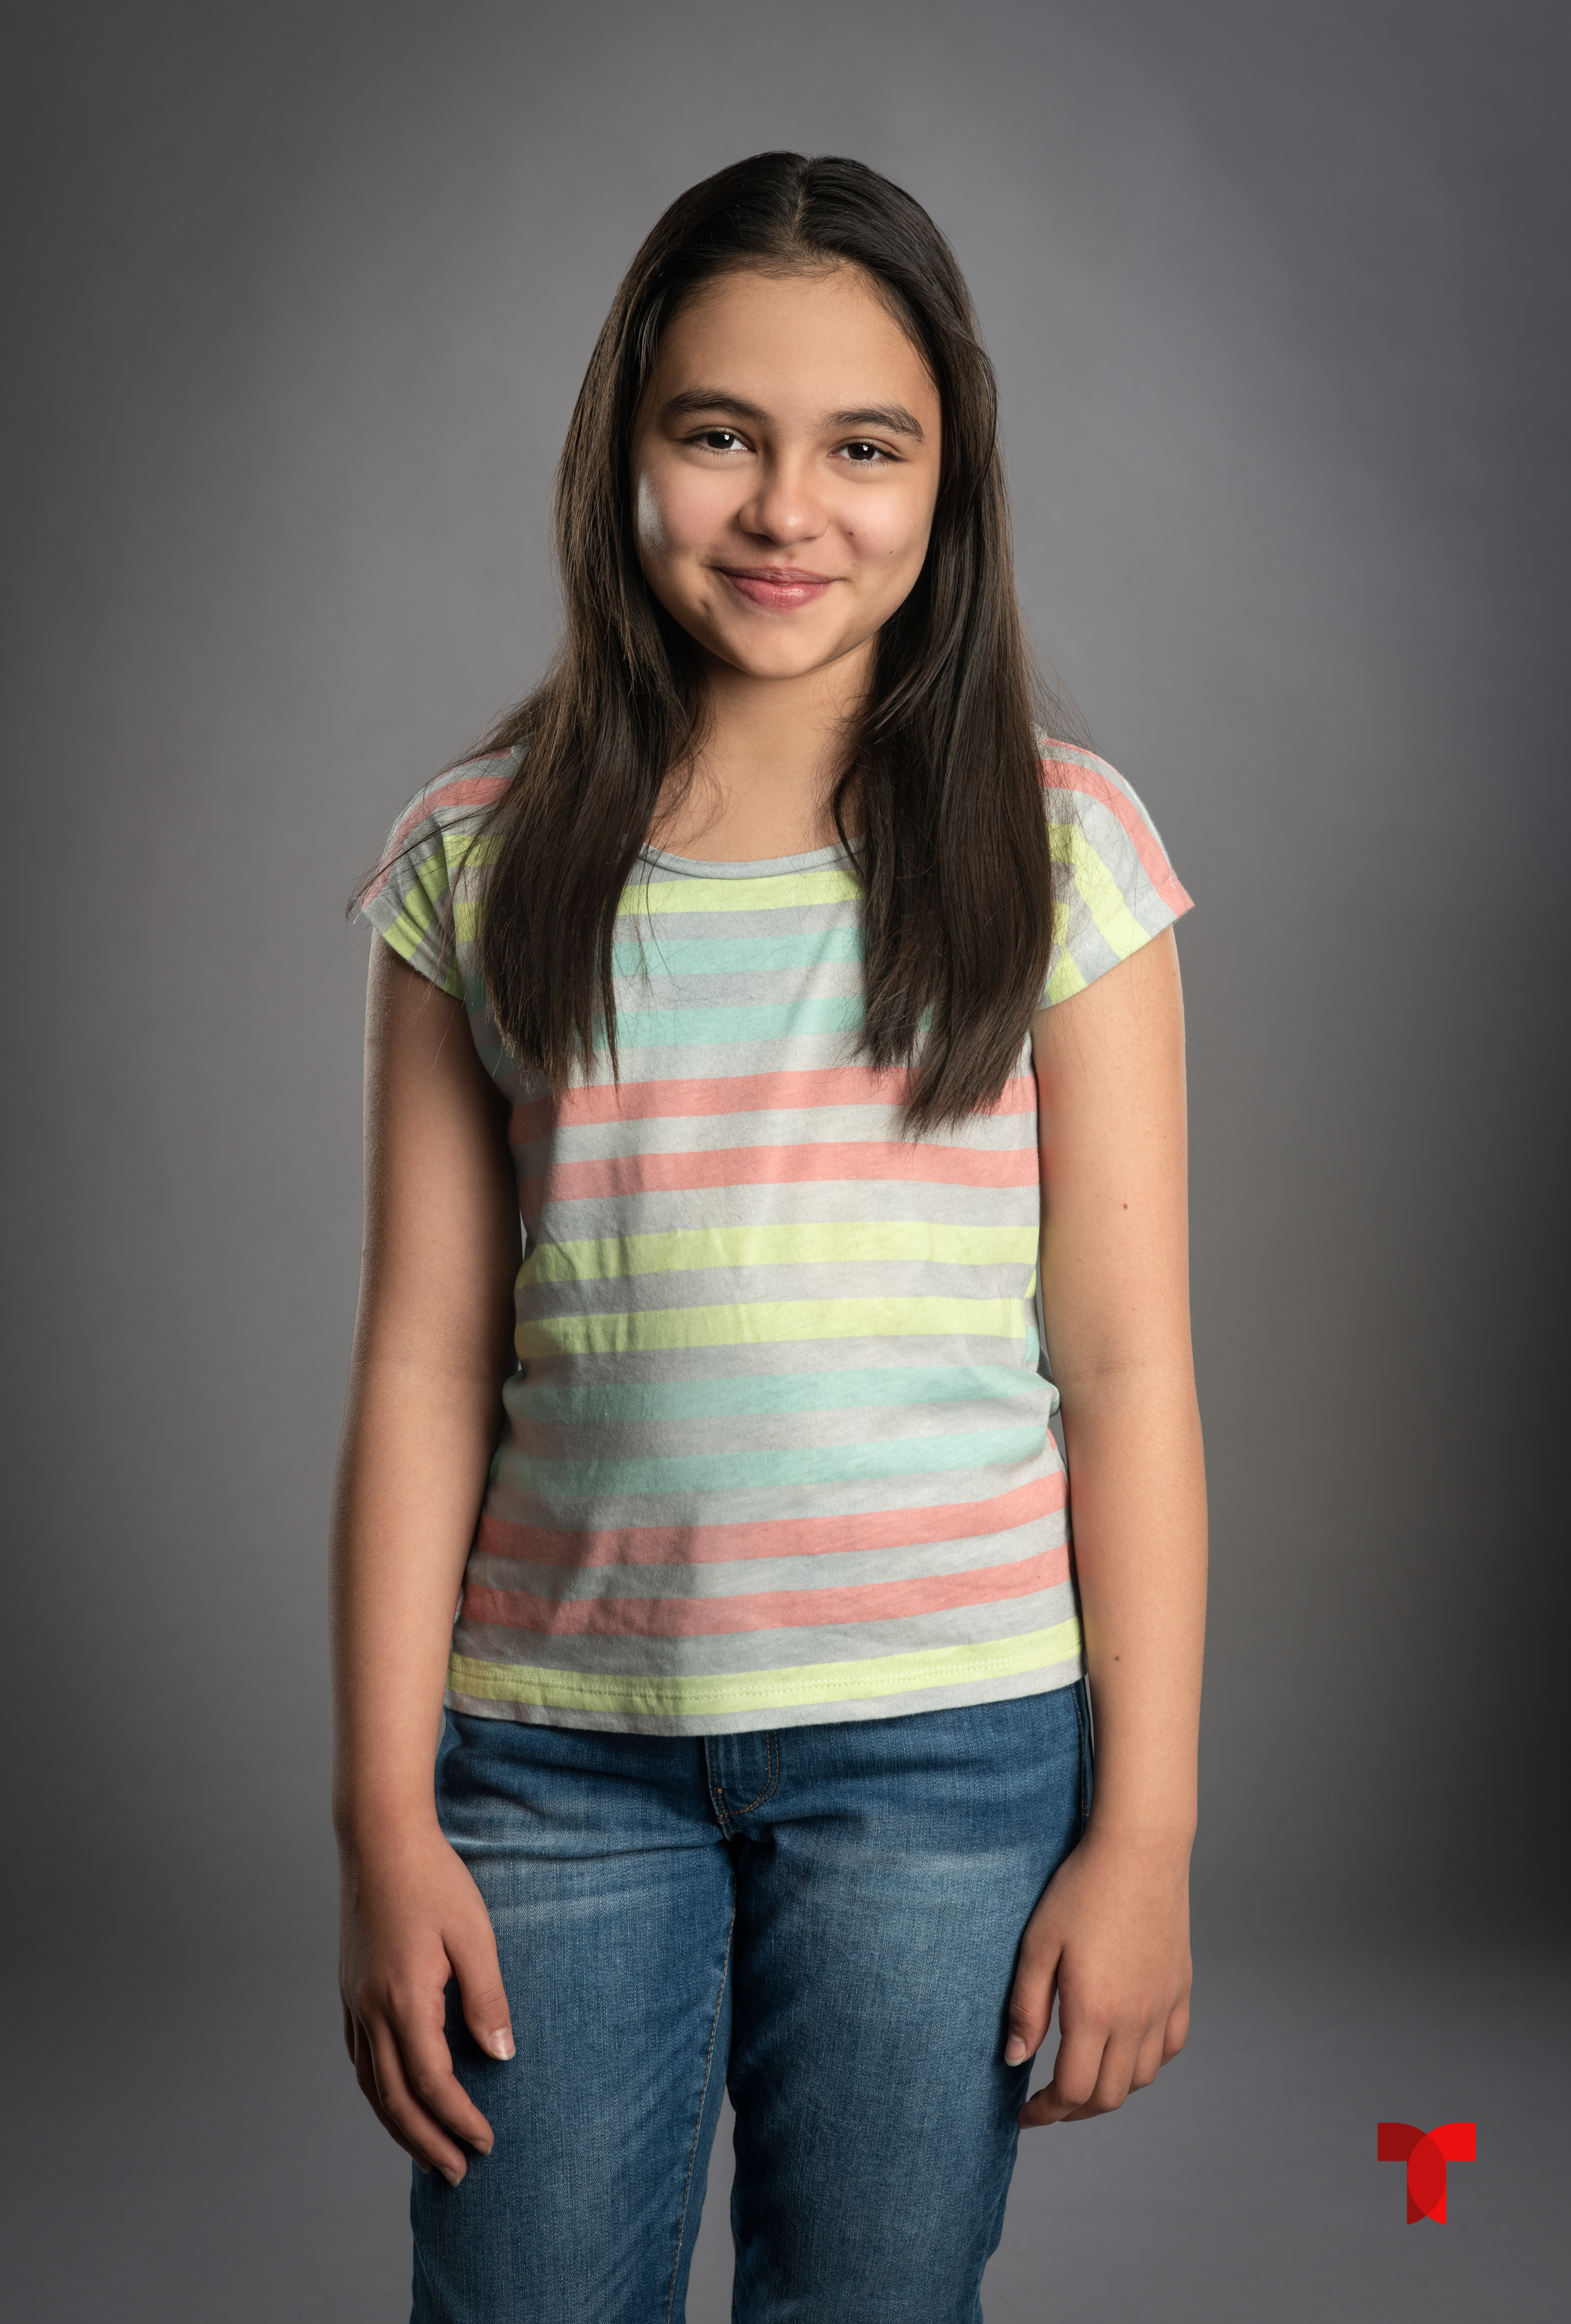 Isabella Sierra 1